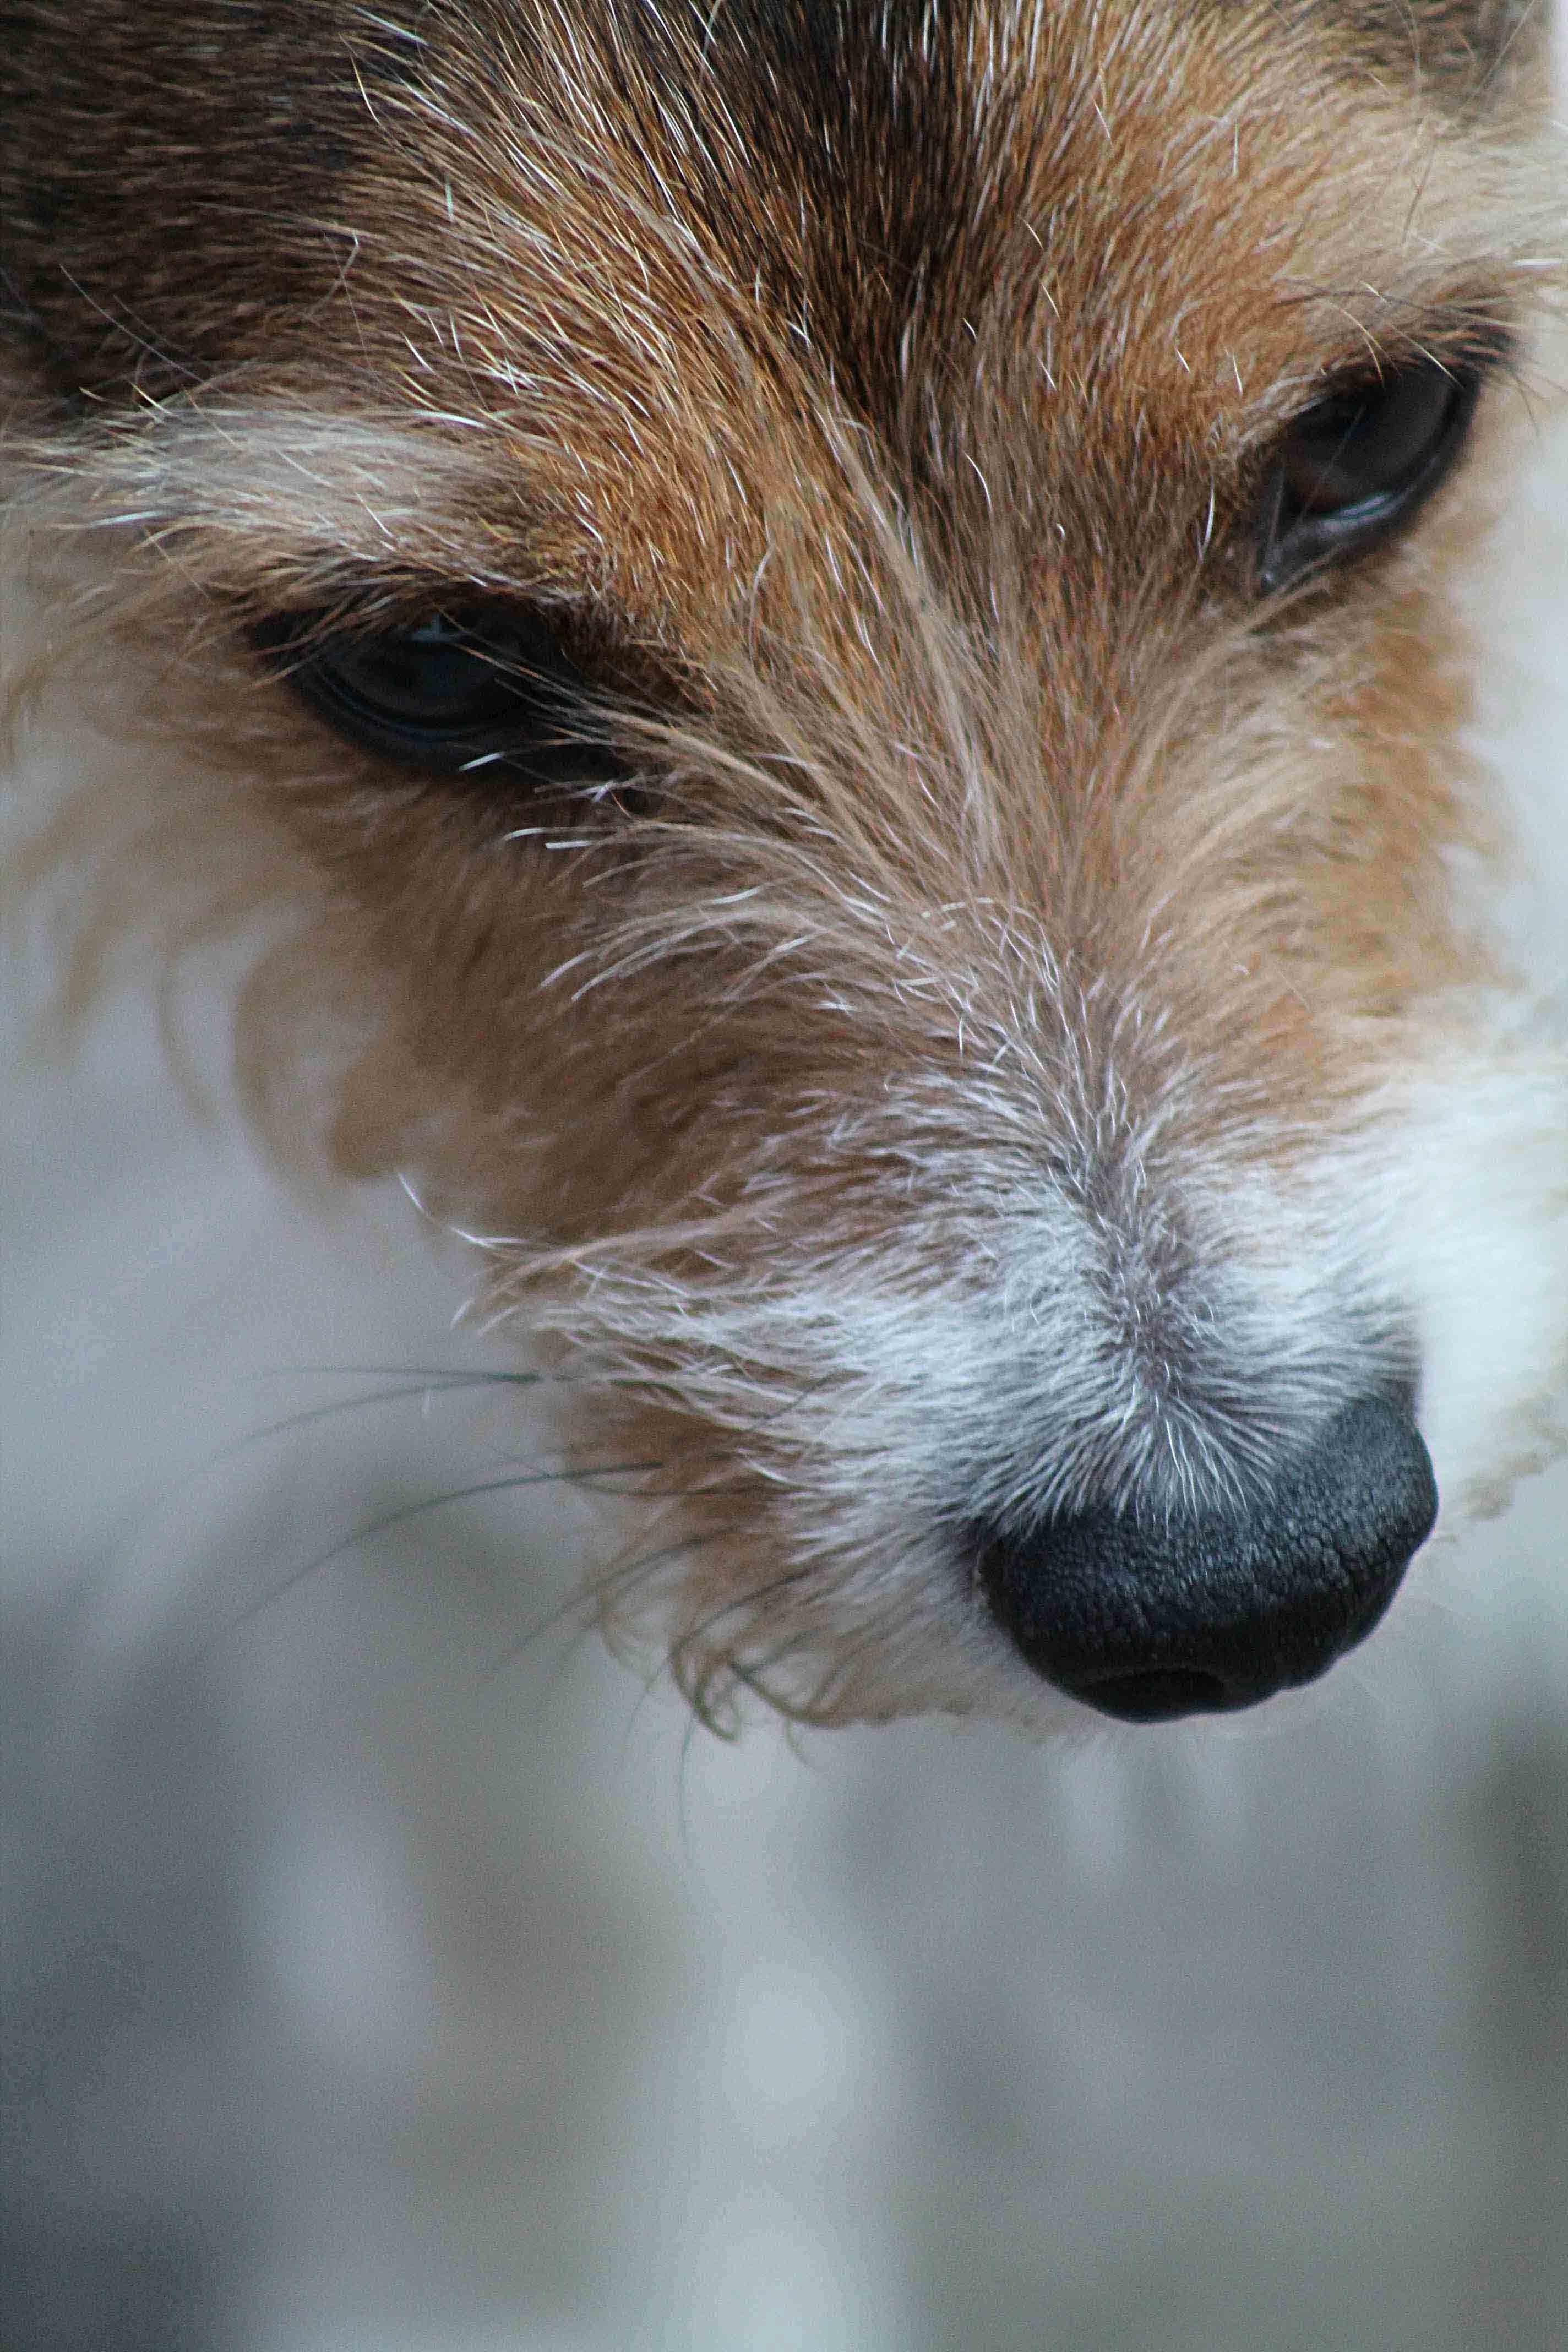 Sean Macreavy Media - Family & pets 5-